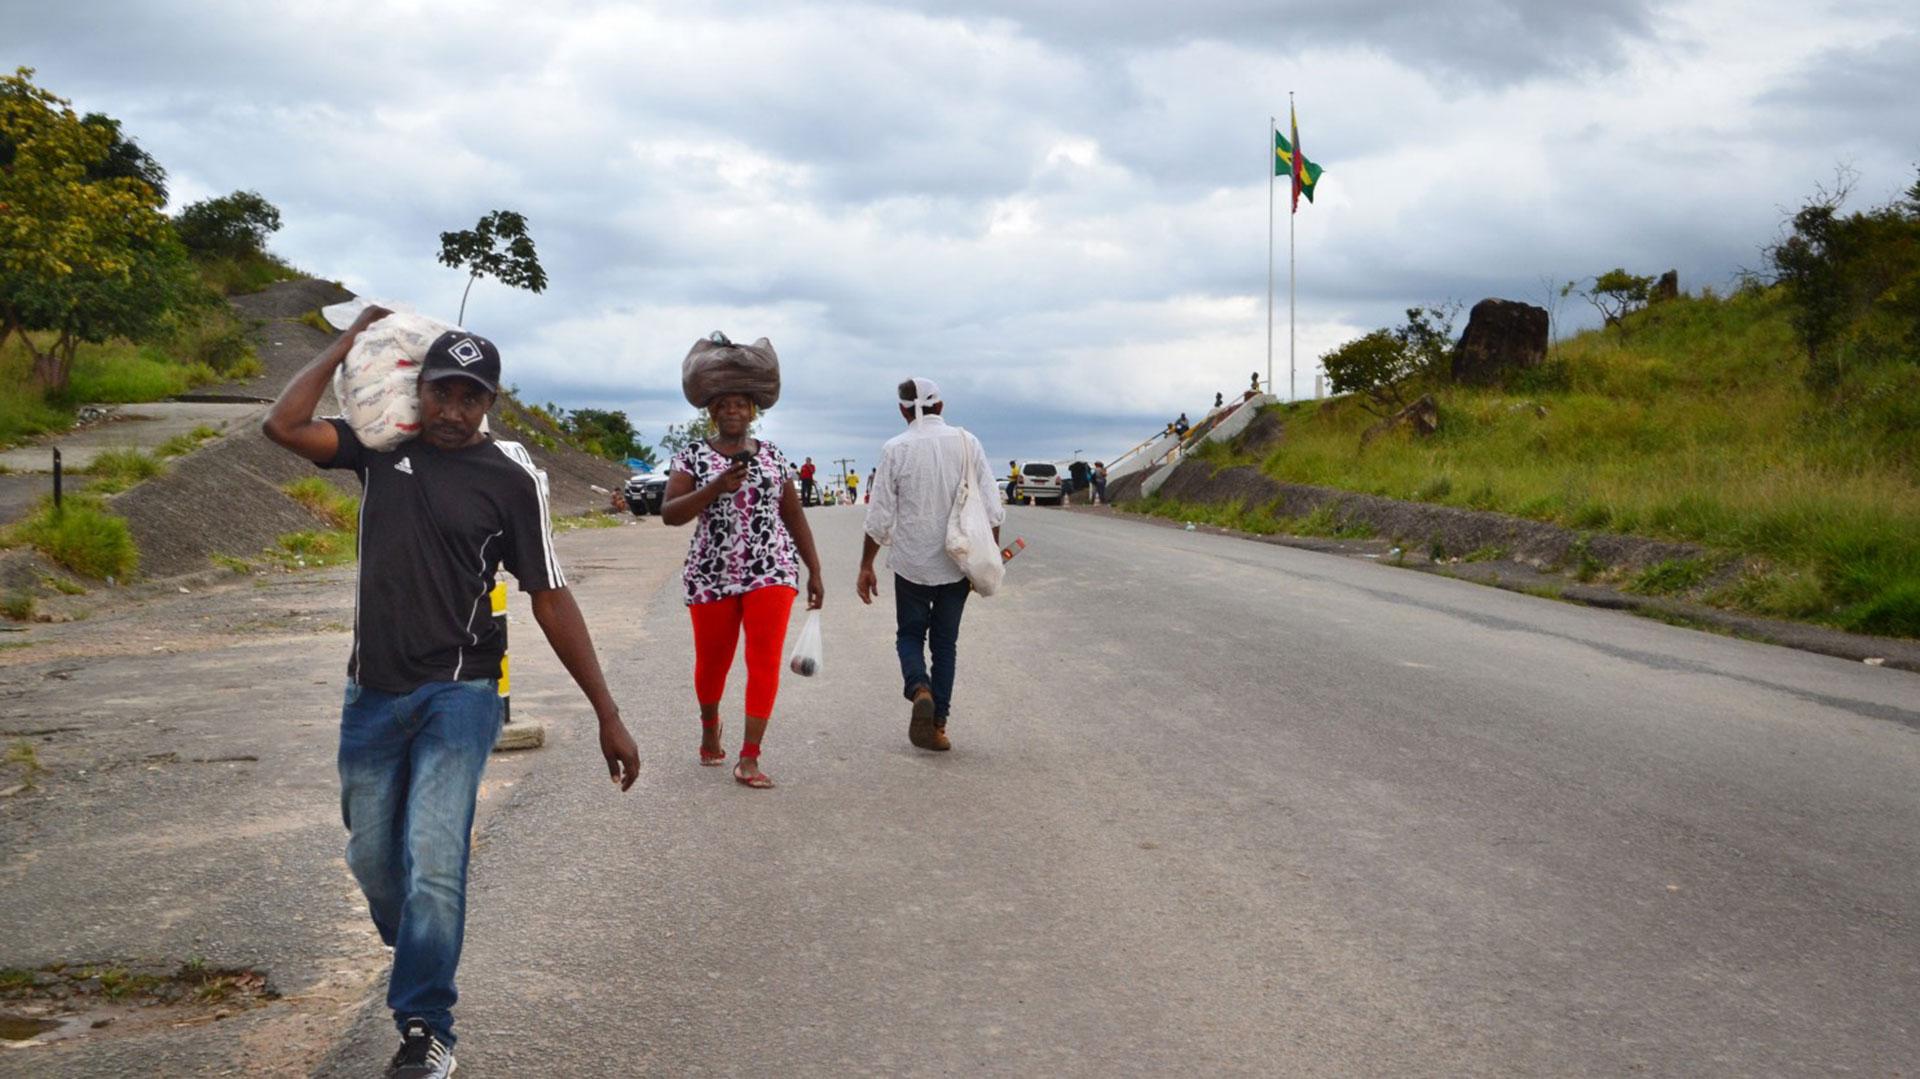 La gobernación de Roraima, donde hay la única frontera terrestre entre los dos países, solicitó ayuda del gobierno federal de Brasil para atender la creciente llegada de ciudadanos venezolanos a ese estado (The Washington Post)